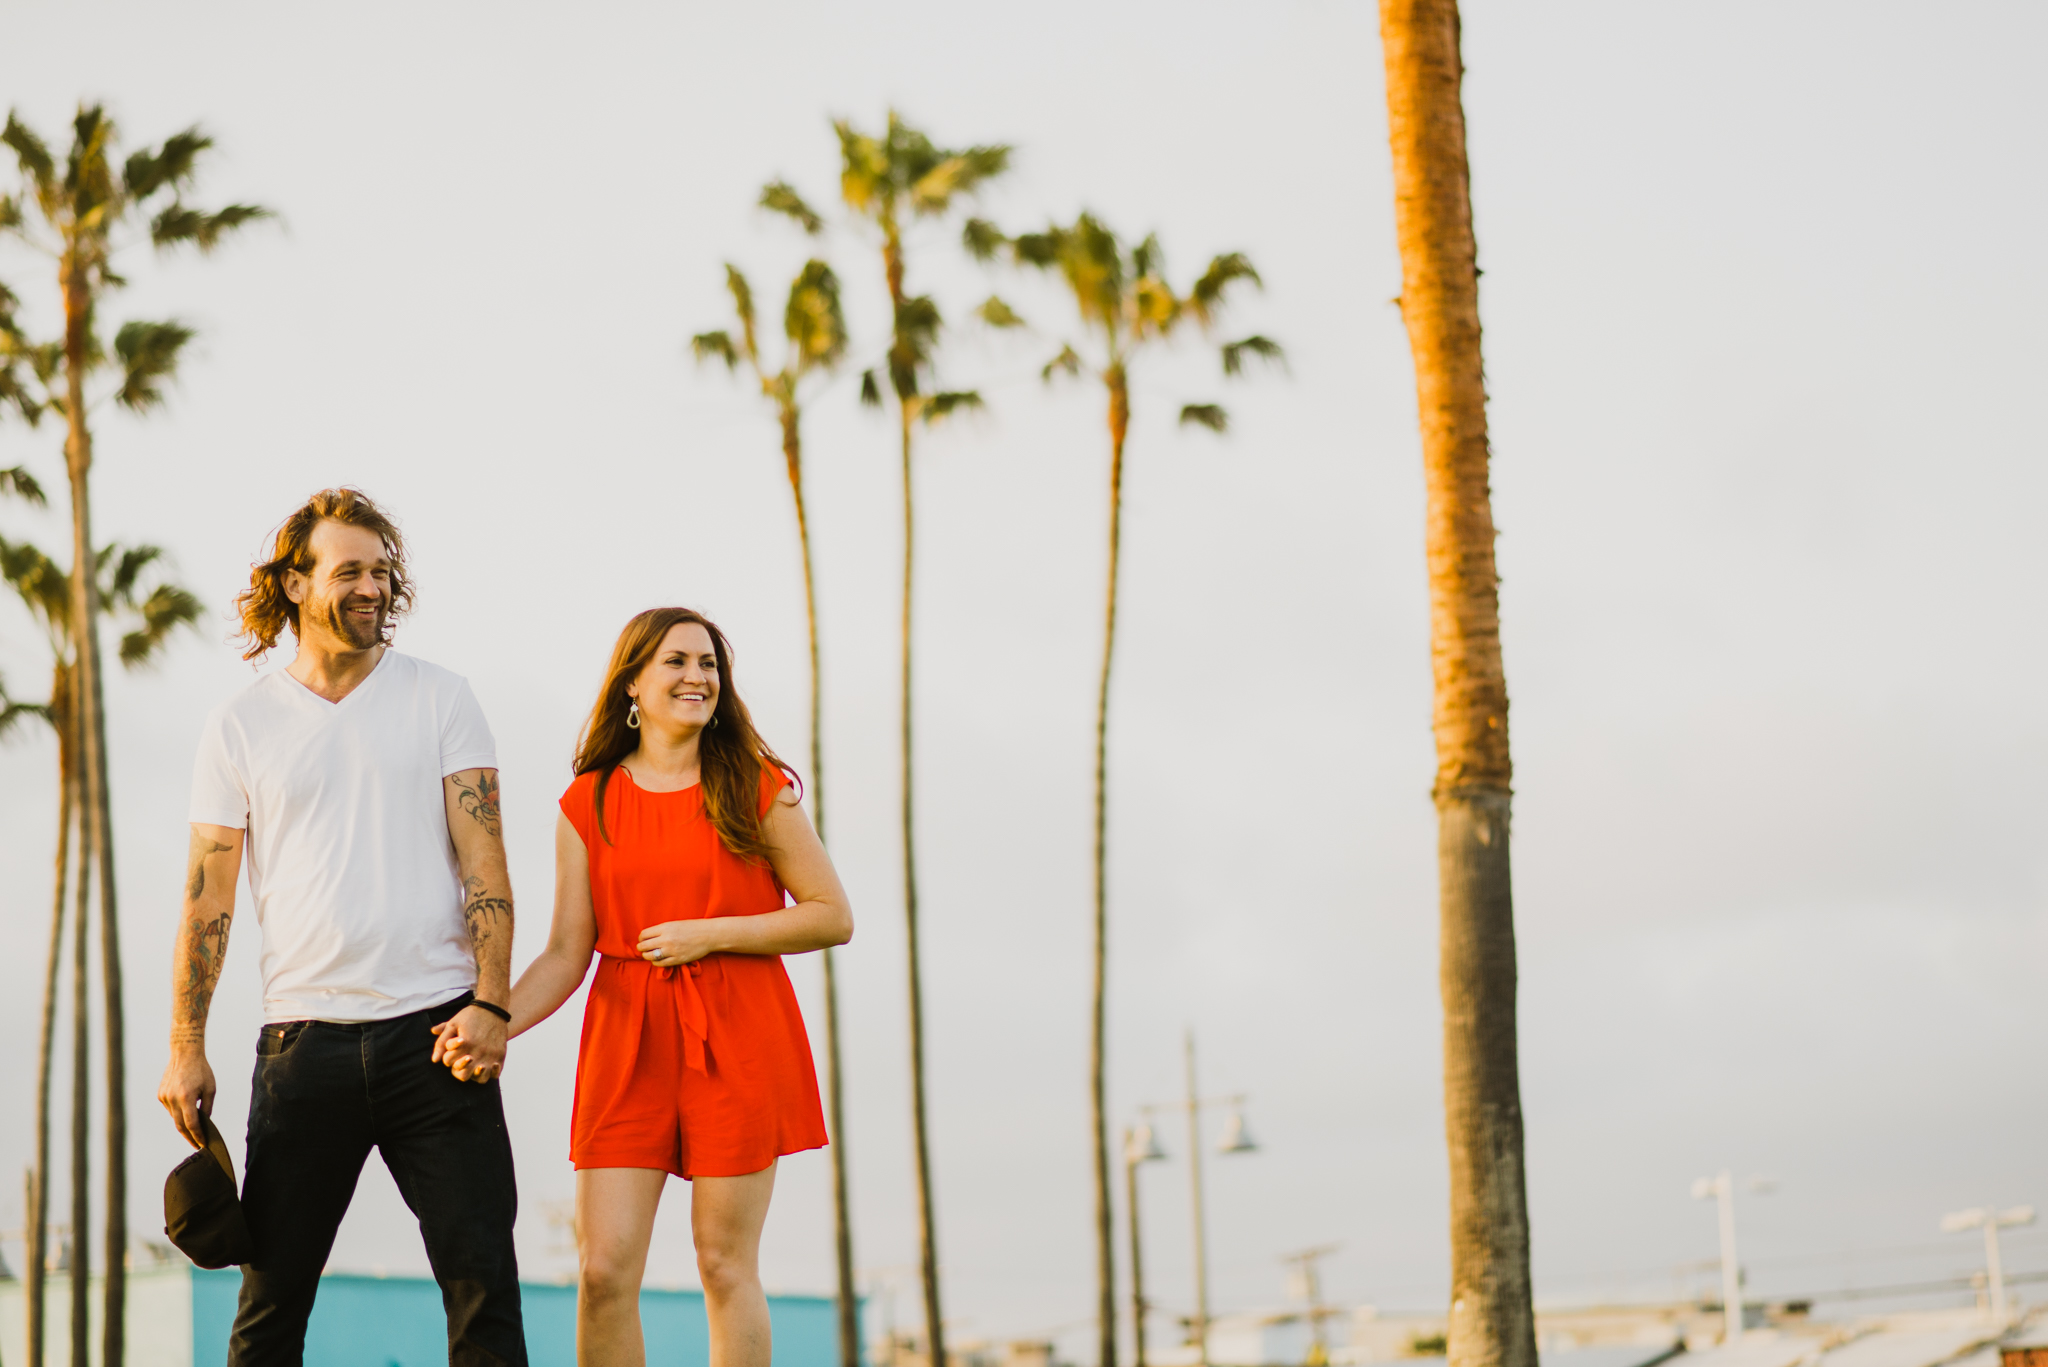 ©Isaiah & Taylor Photography  - Los Angeles Wedding Photographer - Venice Beach-45.jpg